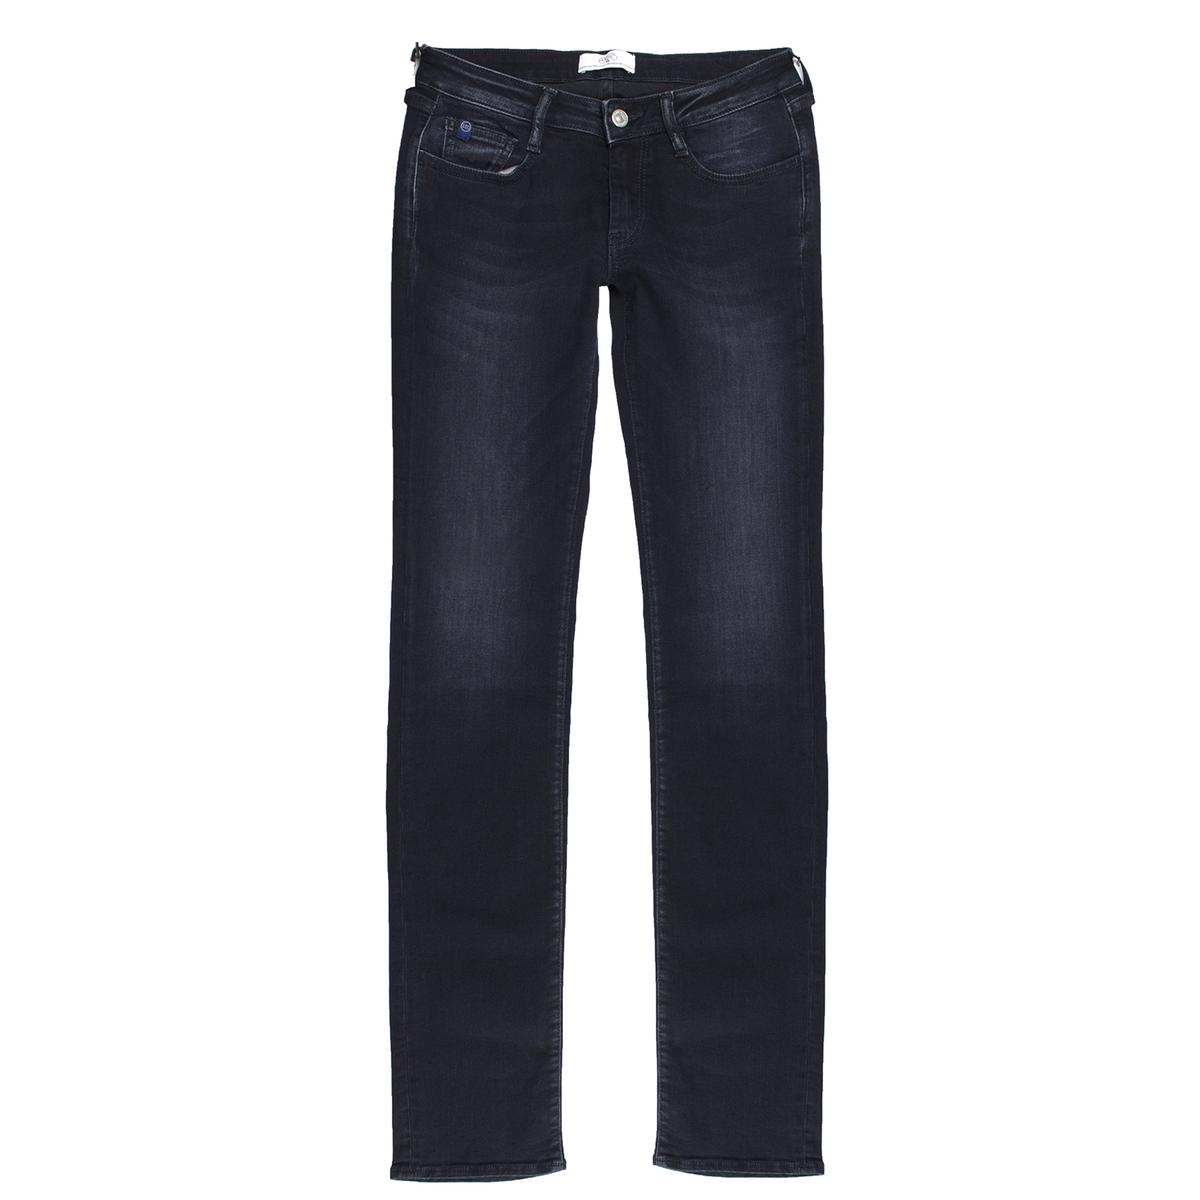 Jeans regular, direitos